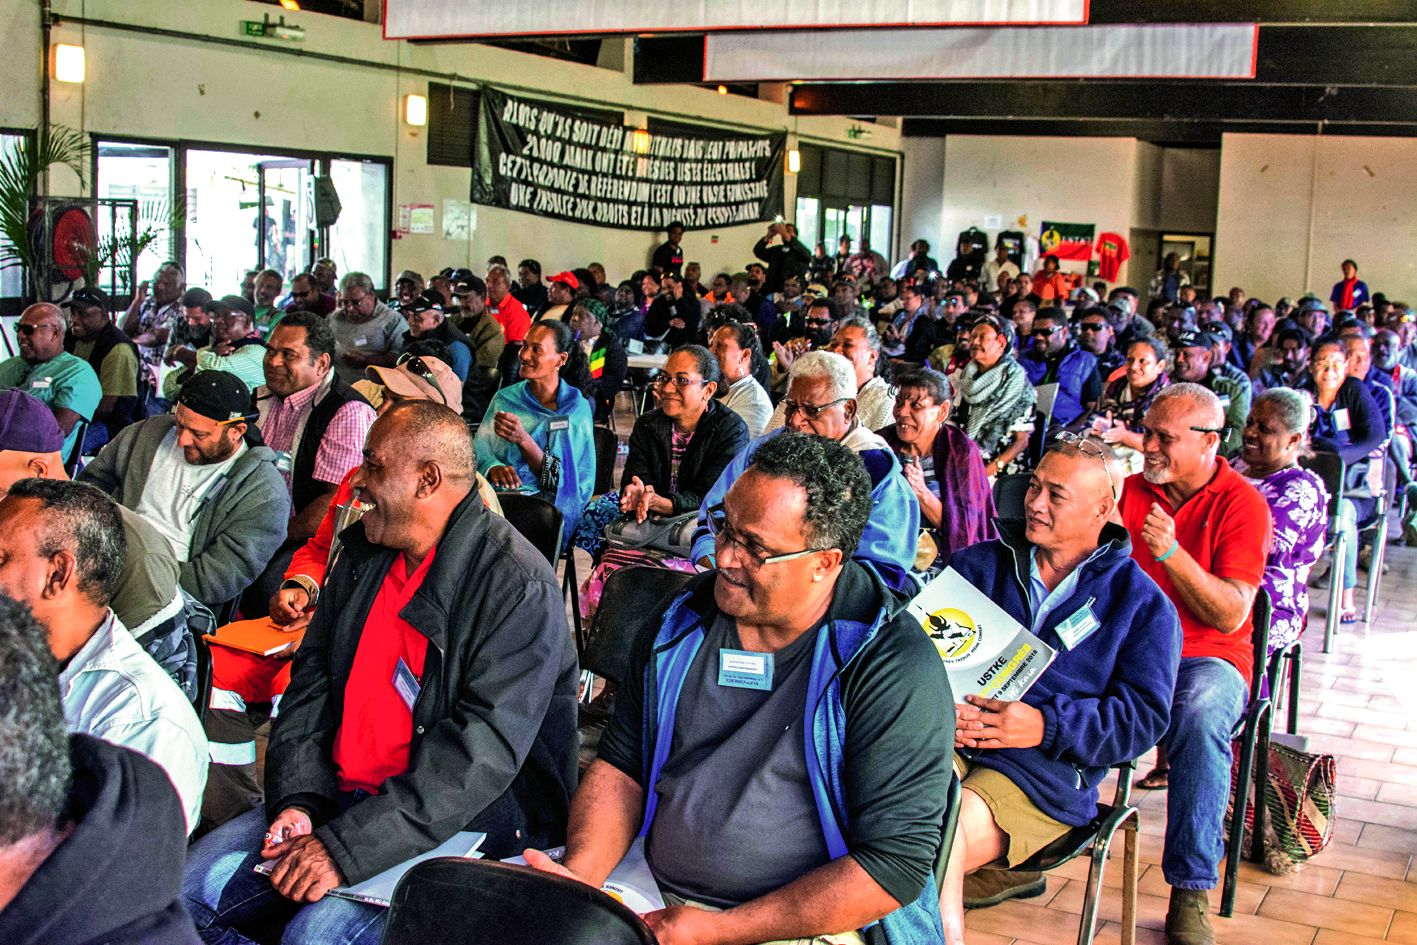 Plusieurs centaines de personnes étaient présentes hier. « On sera plus nombreux ce week-end », assure l'organisation.